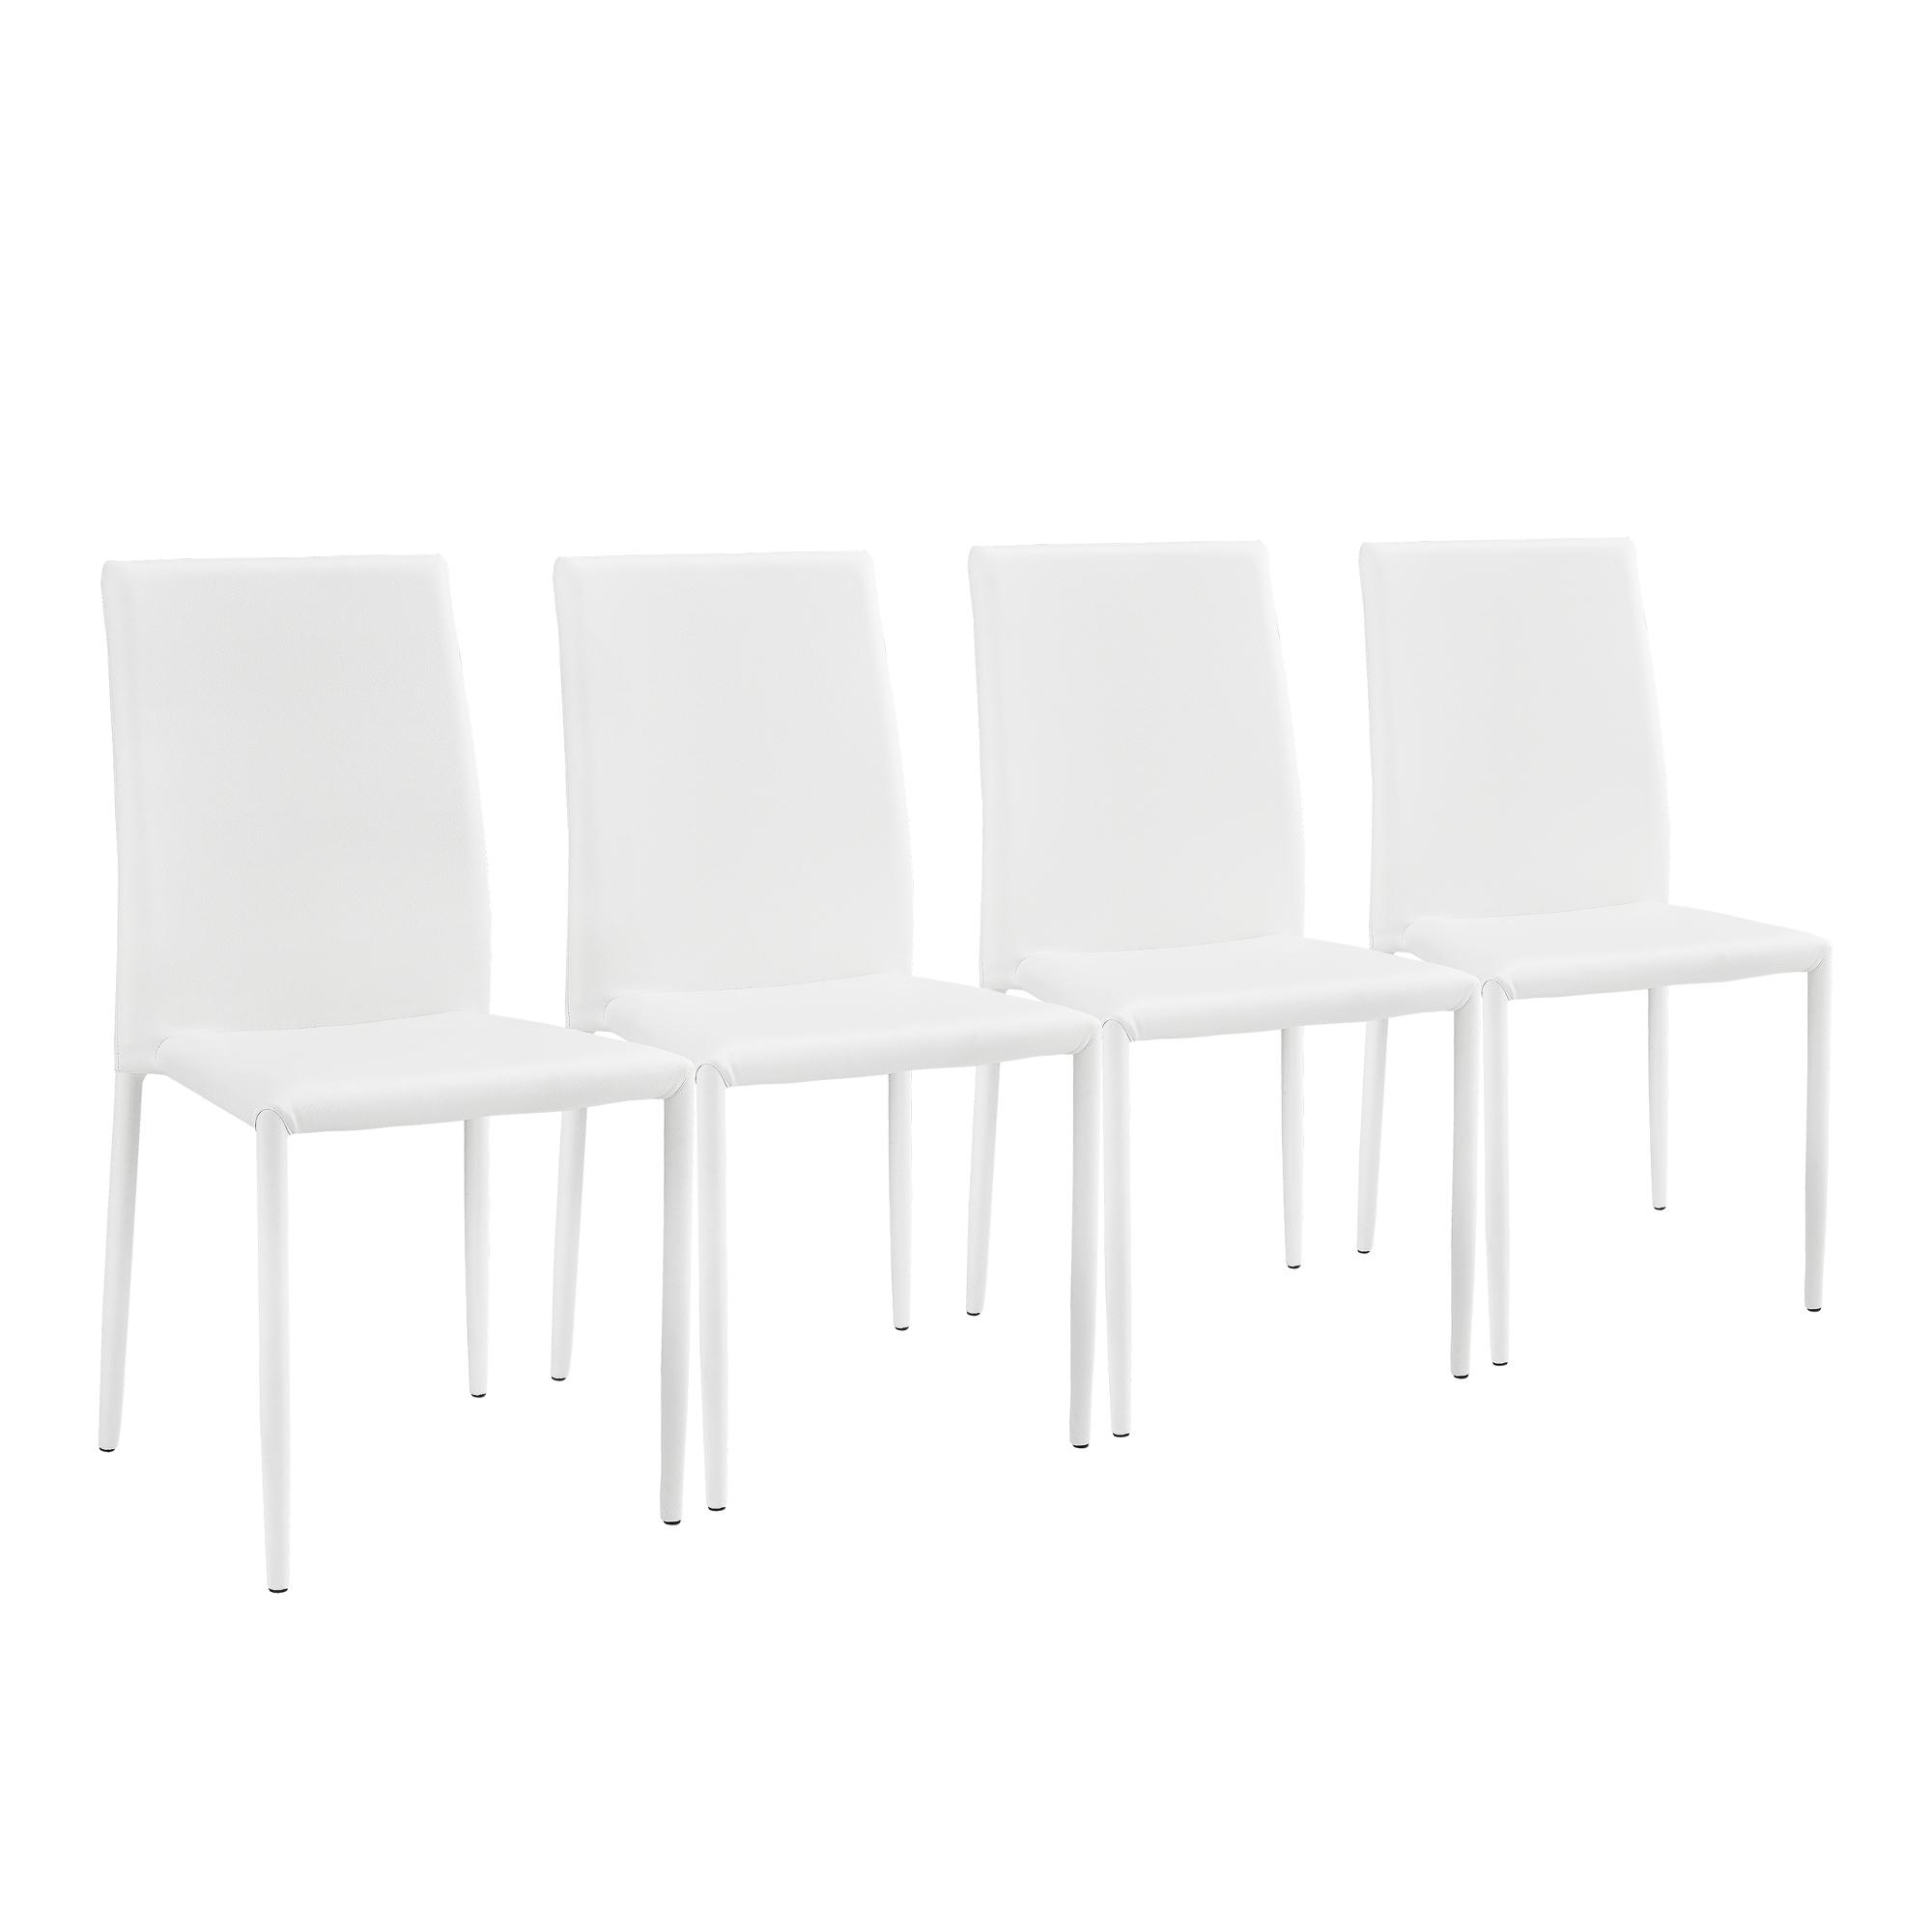 esszimmerstuhl 4er set wohnzimmer k chenstuhl. Black Bedroom Furniture Sets. Home Design Ideas